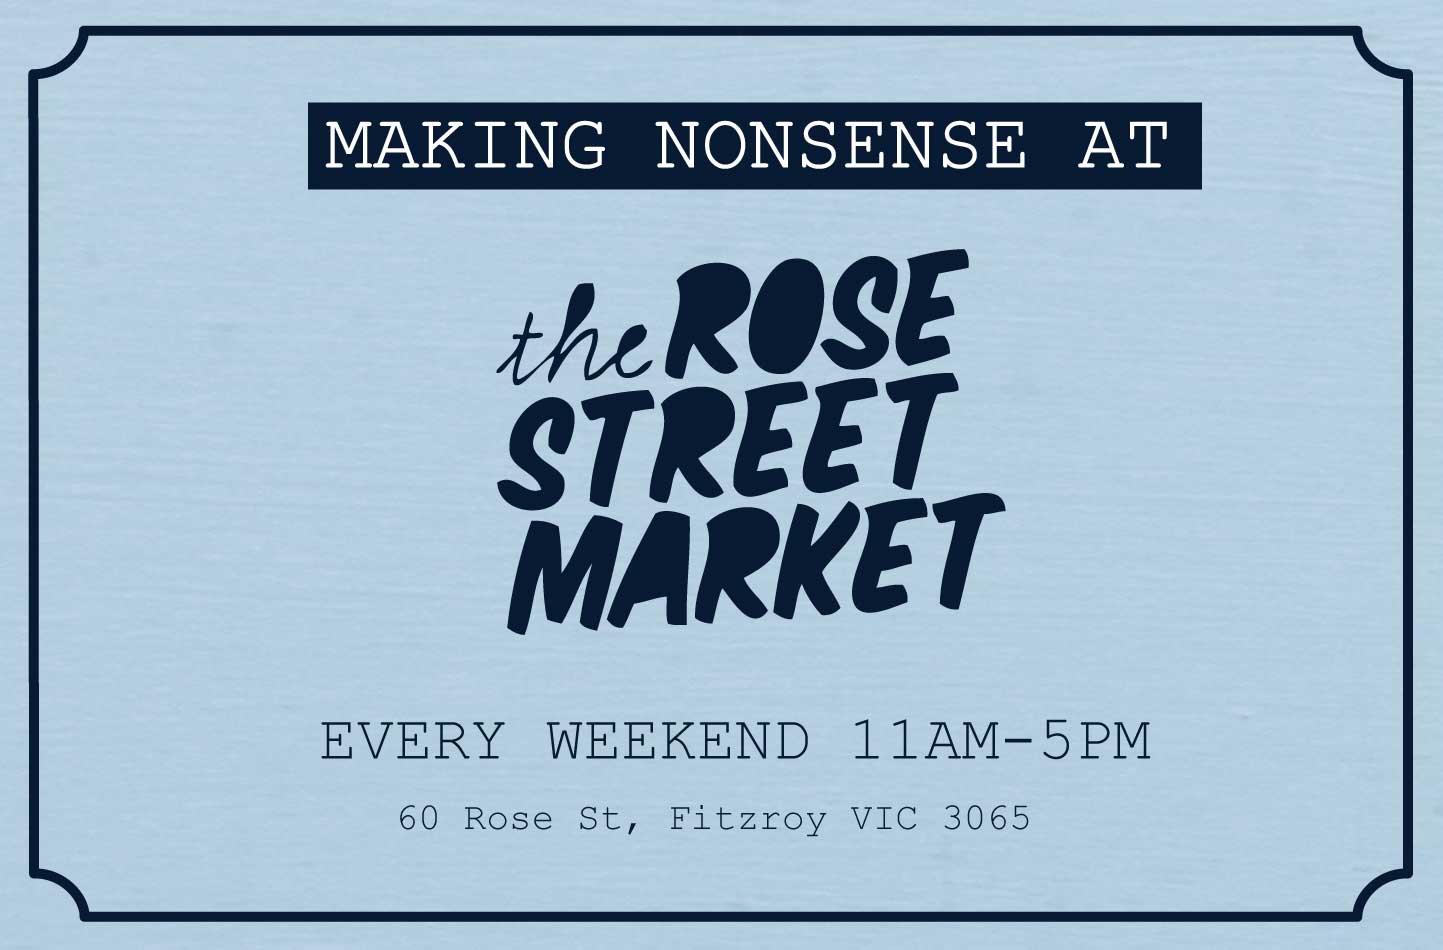 Rose St. Market